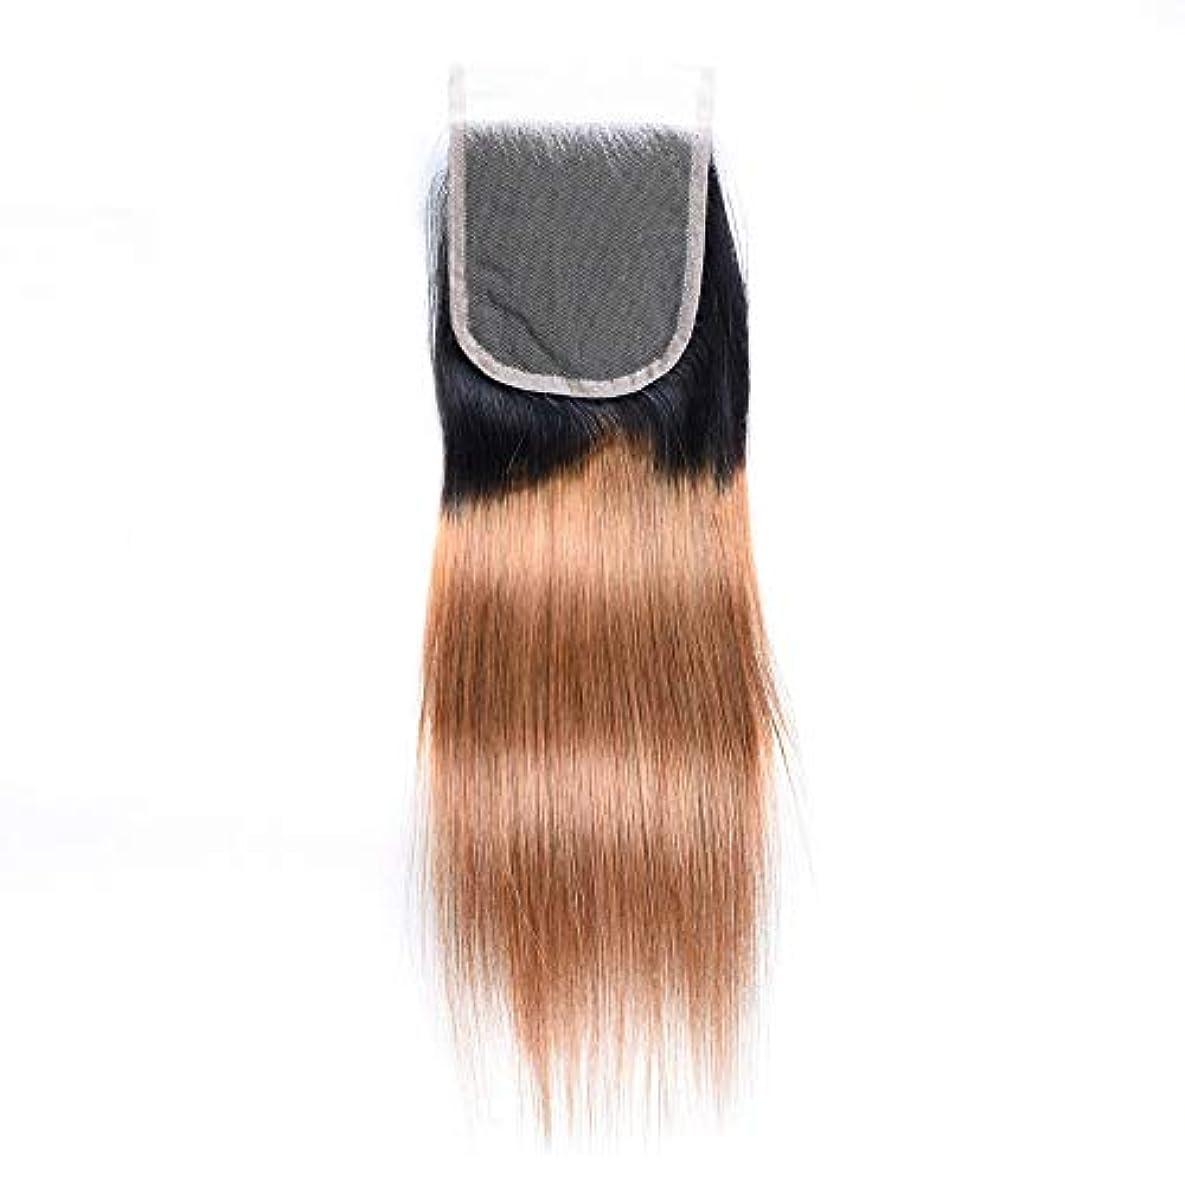 種類むしろ拘束するWASAIO 未処理のRemy人間の髪の毛のブラジルストレートトーンの色のかつら (色 : Blonde, サイズ : 14 inch)